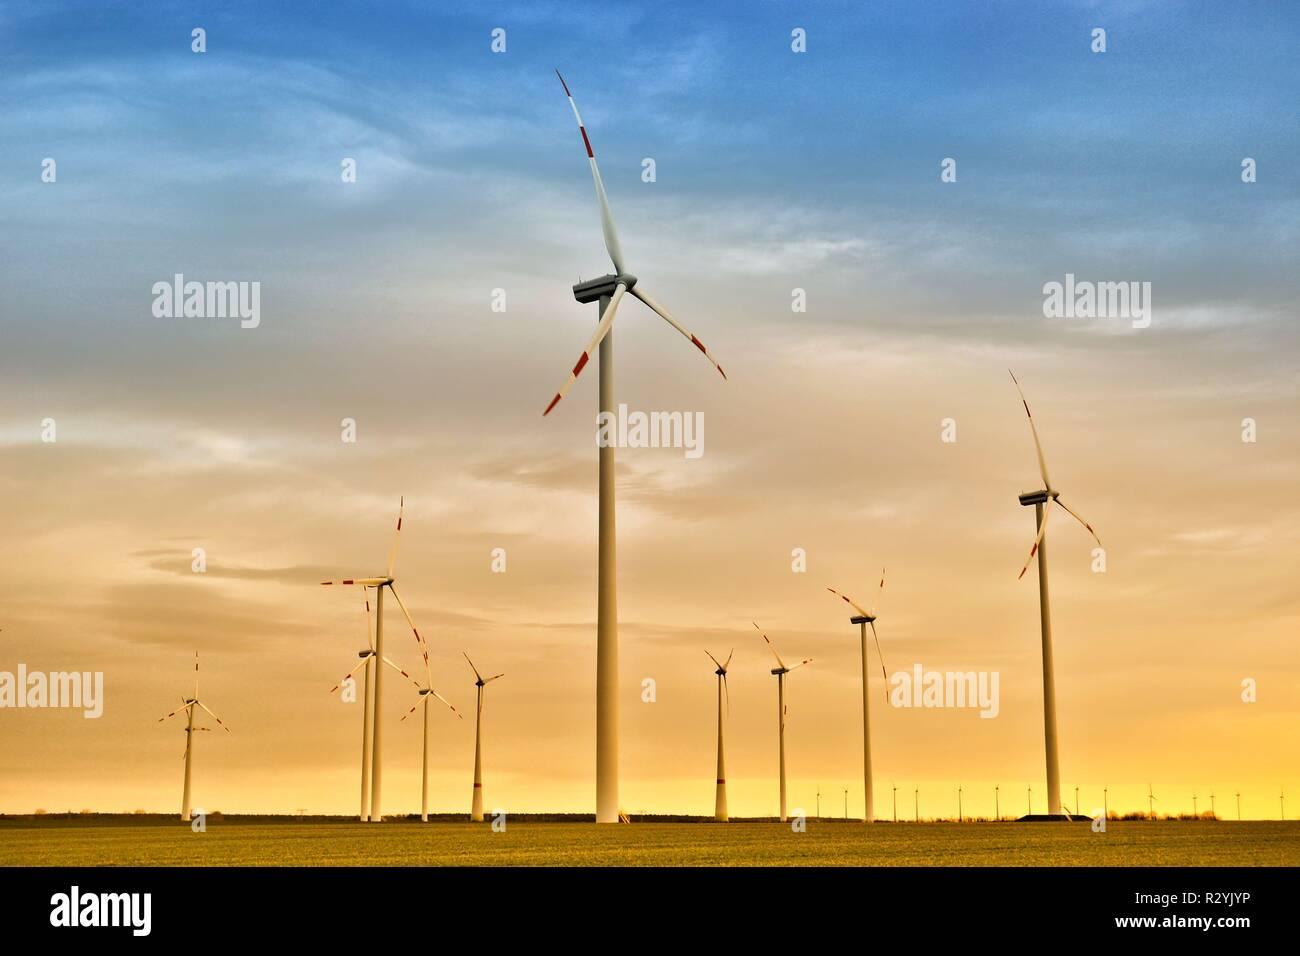 wind energy - Stock Image